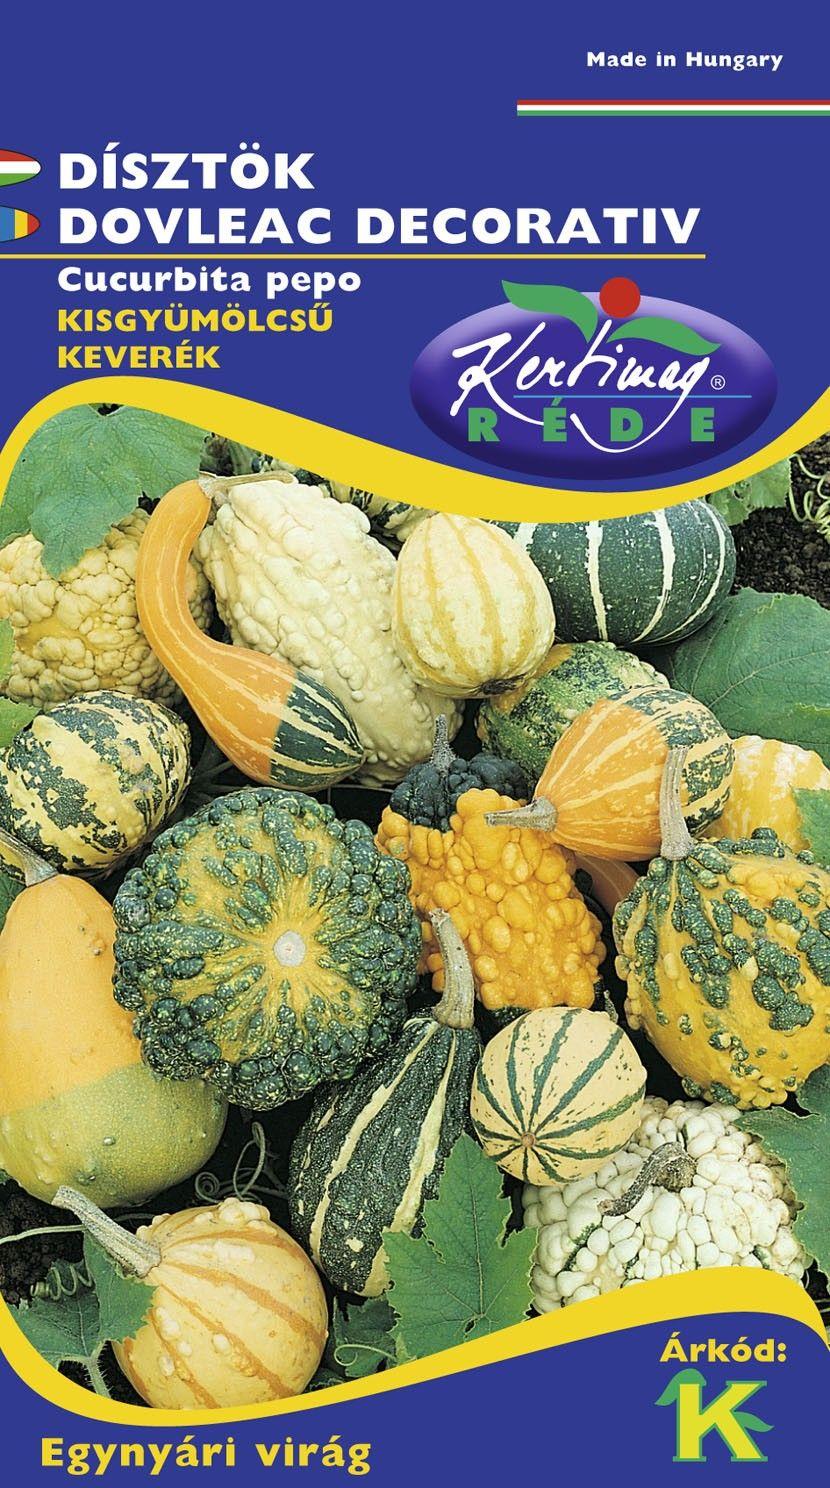 Seminte de Dovleac decorativ fructe mici - KM - Cucurbita pepo